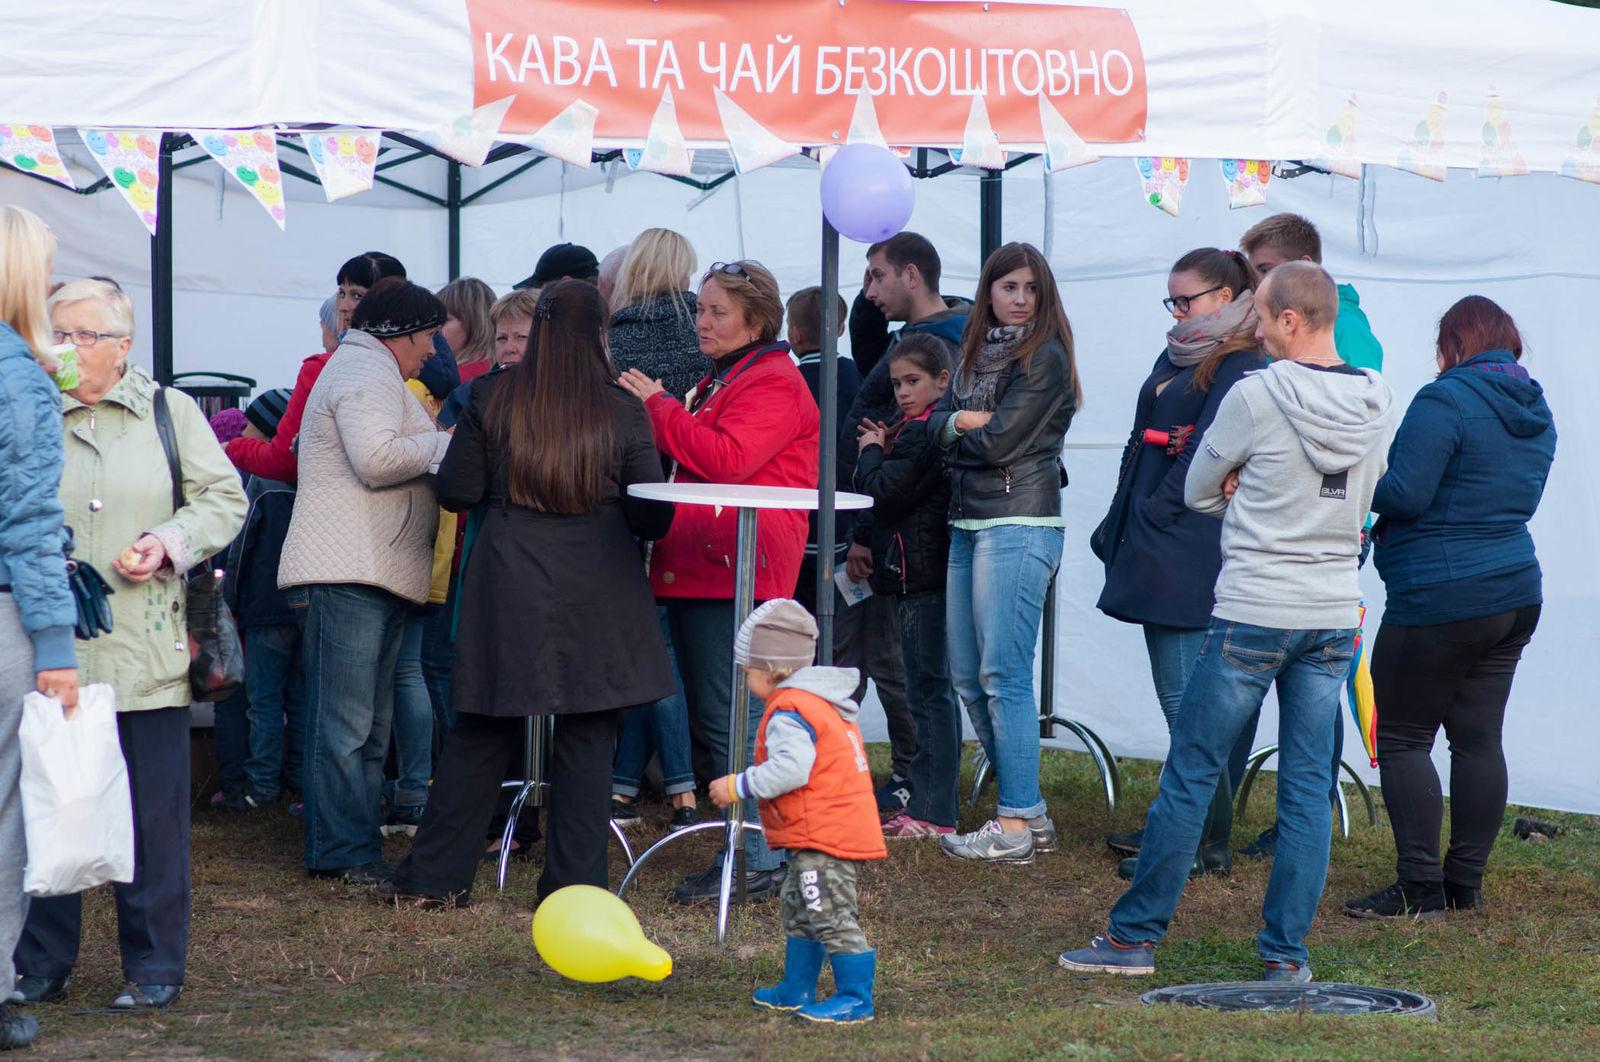 Атмосфера праздника и принятия на христианском фестивале «ВБогеестьвыход»